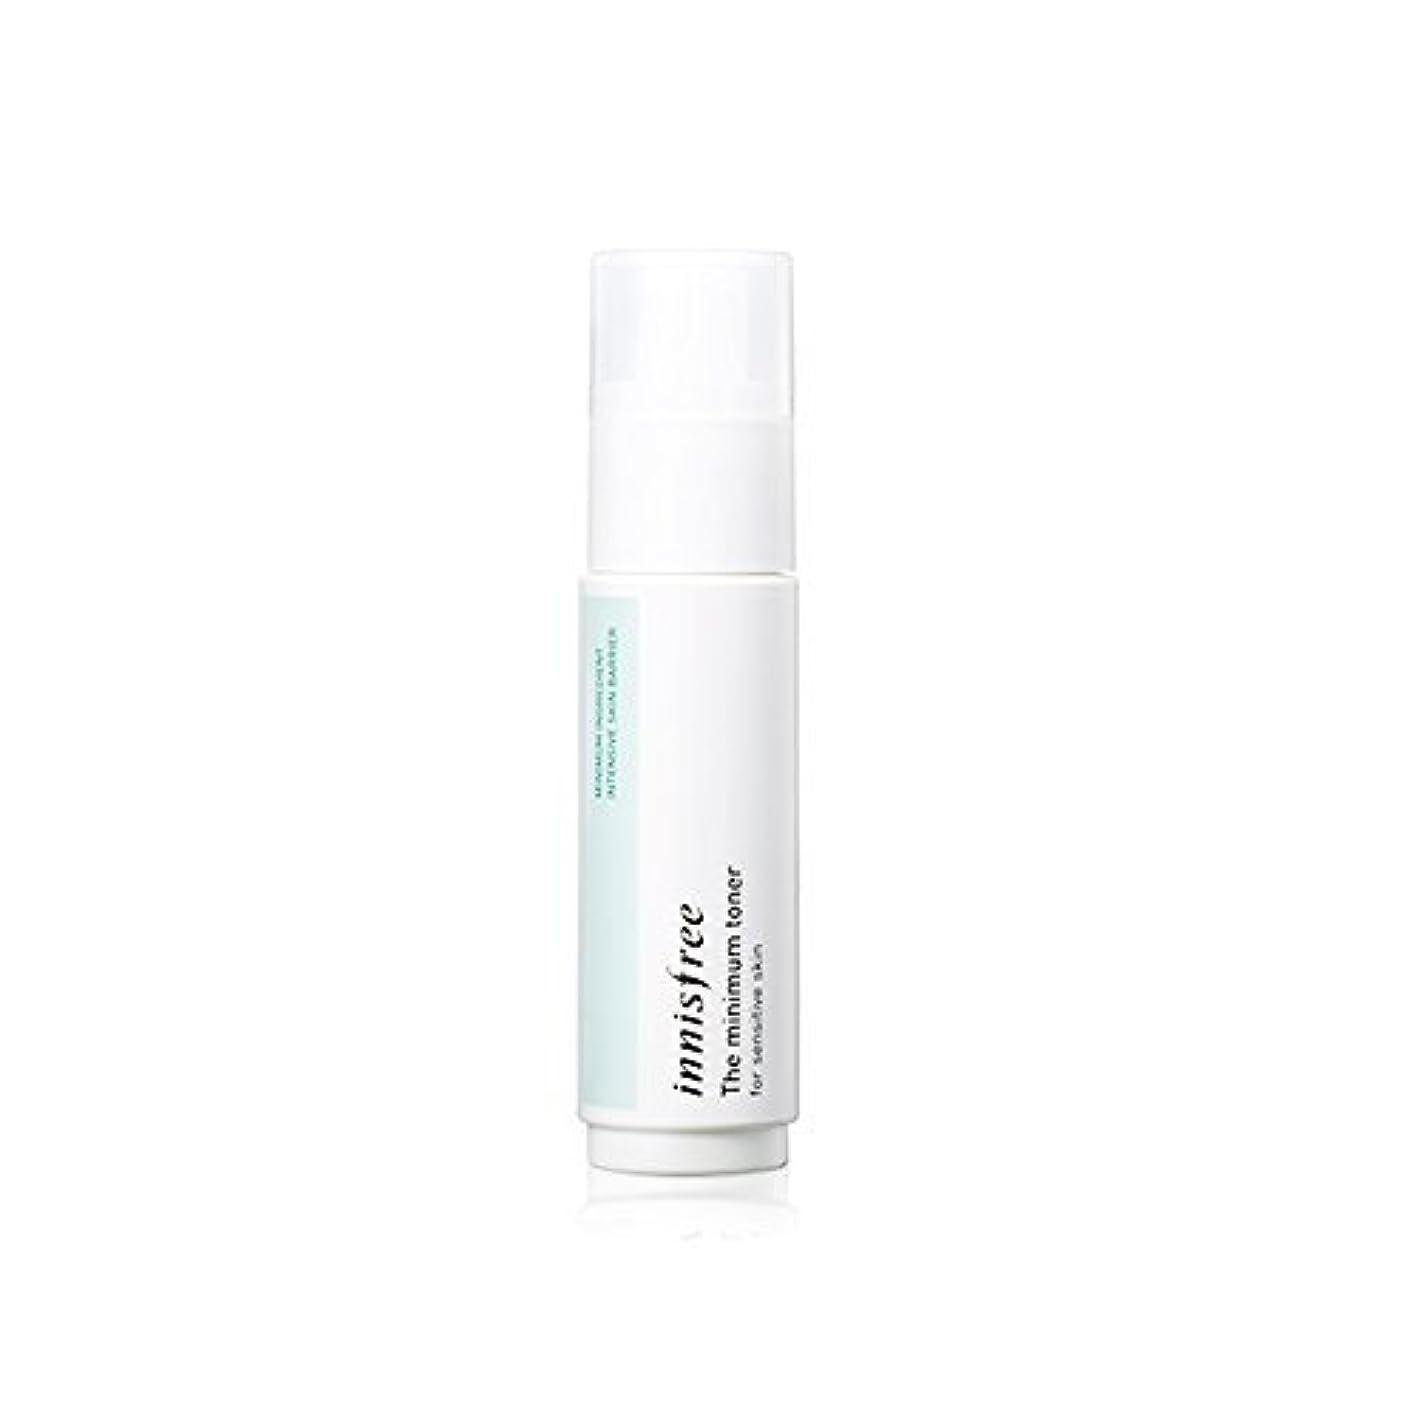 眉電気技師月Innisfree The Minimum Toner For Sensitive Skin [並行輸入品]